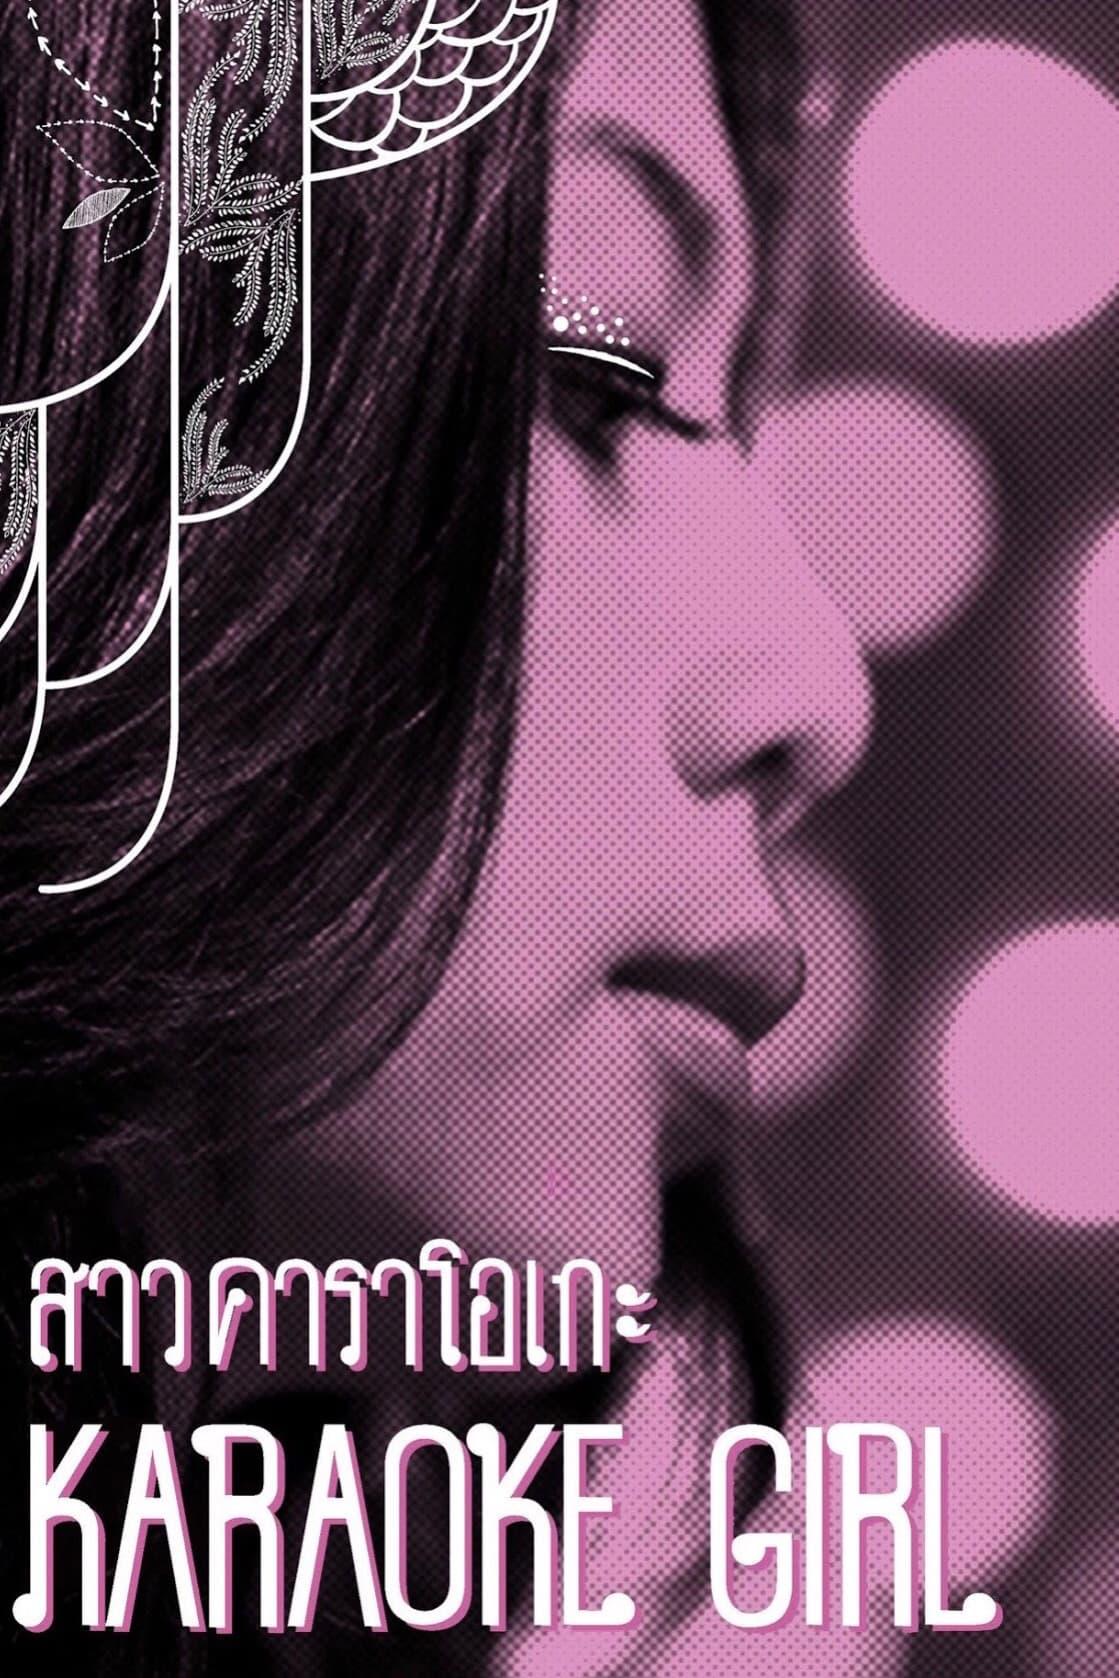 Karaoke Girl